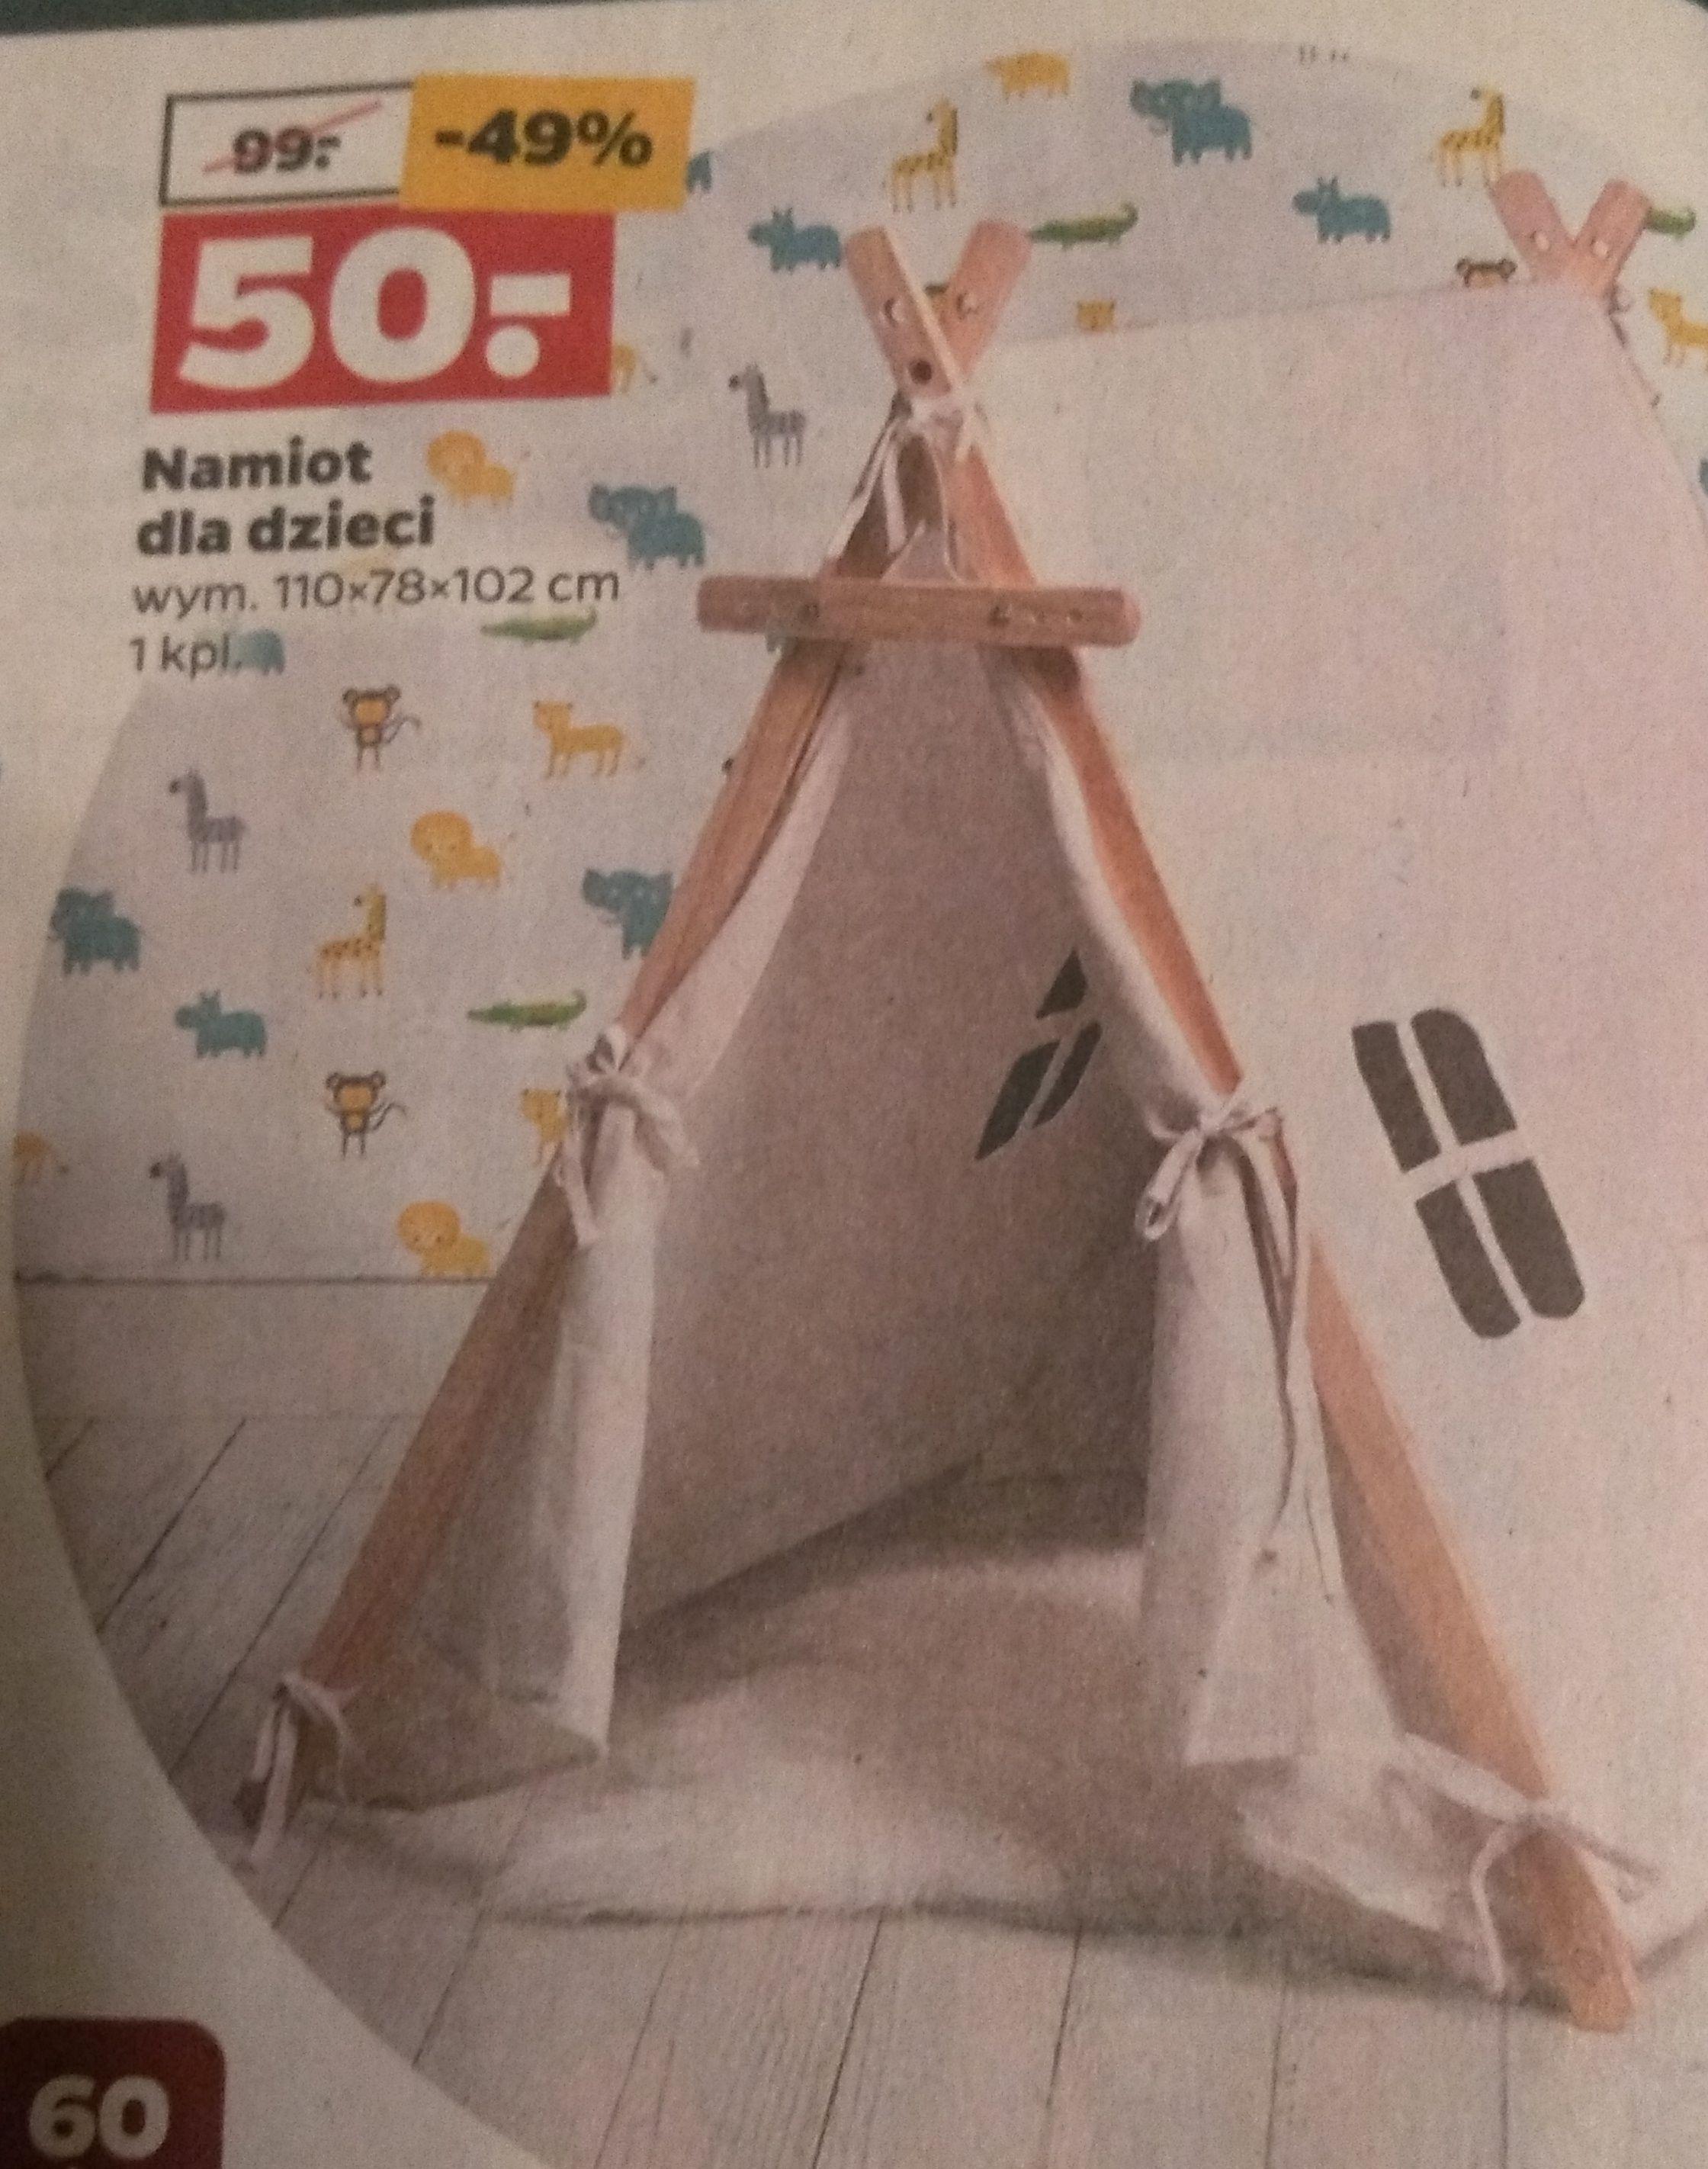 Namiot dla dzieci. Netto